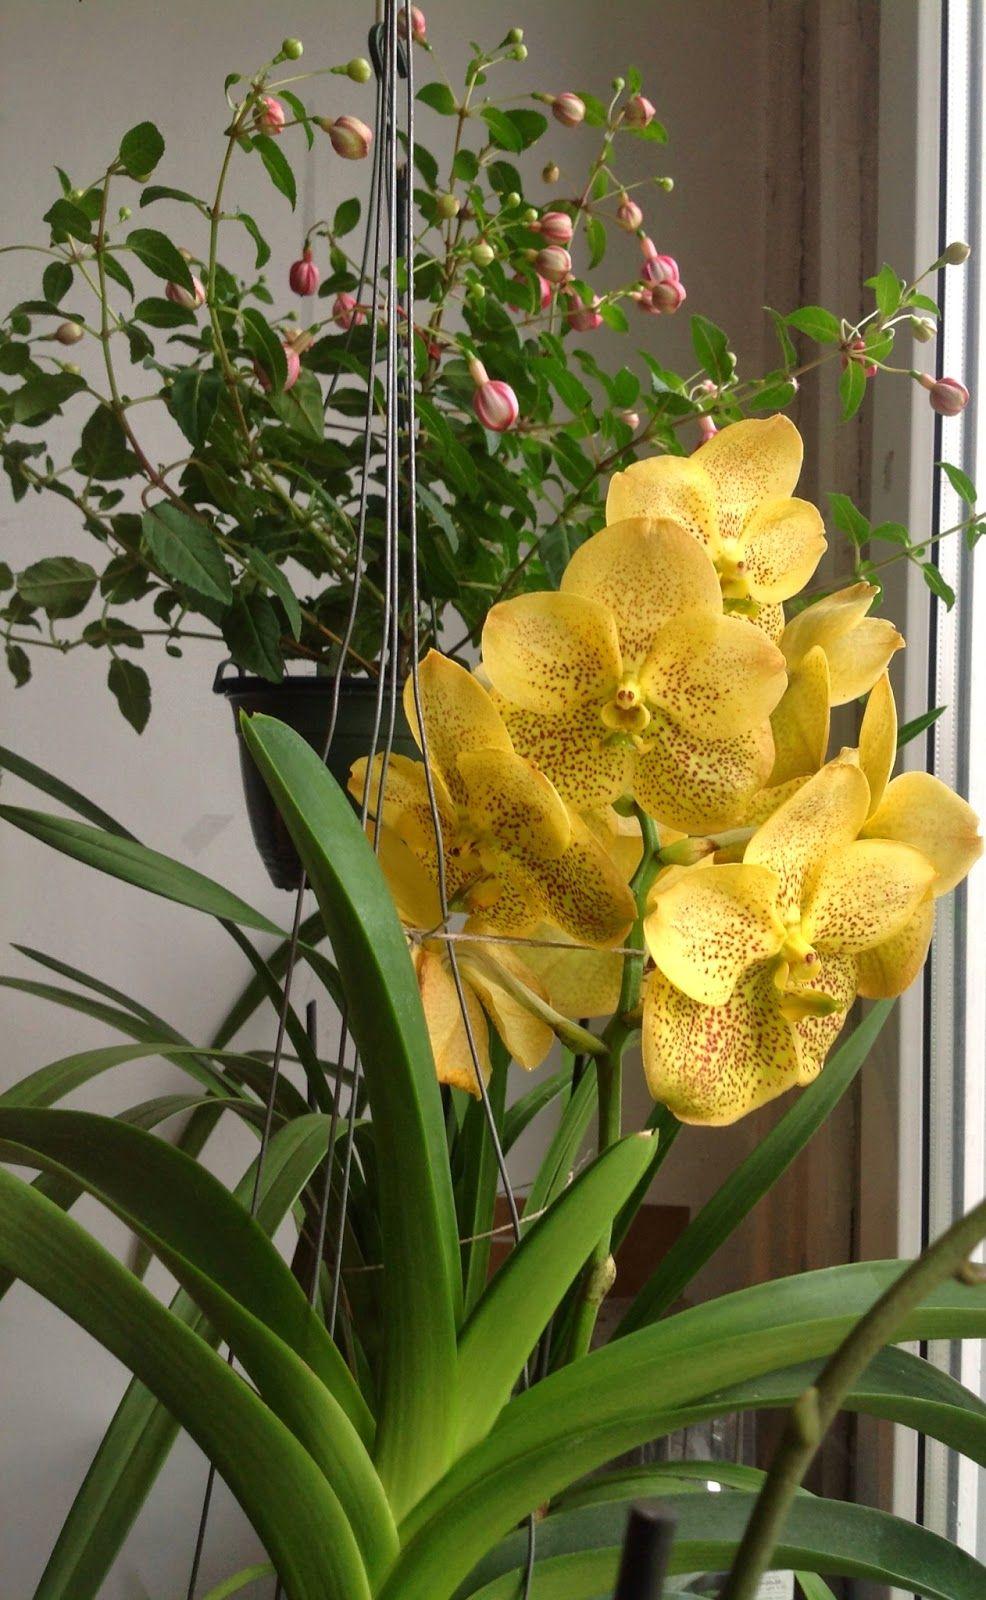 Sekretne Zycie Roslin Elementarz Storczykarza Podlewanie Czesc I Orchids Plants Garden